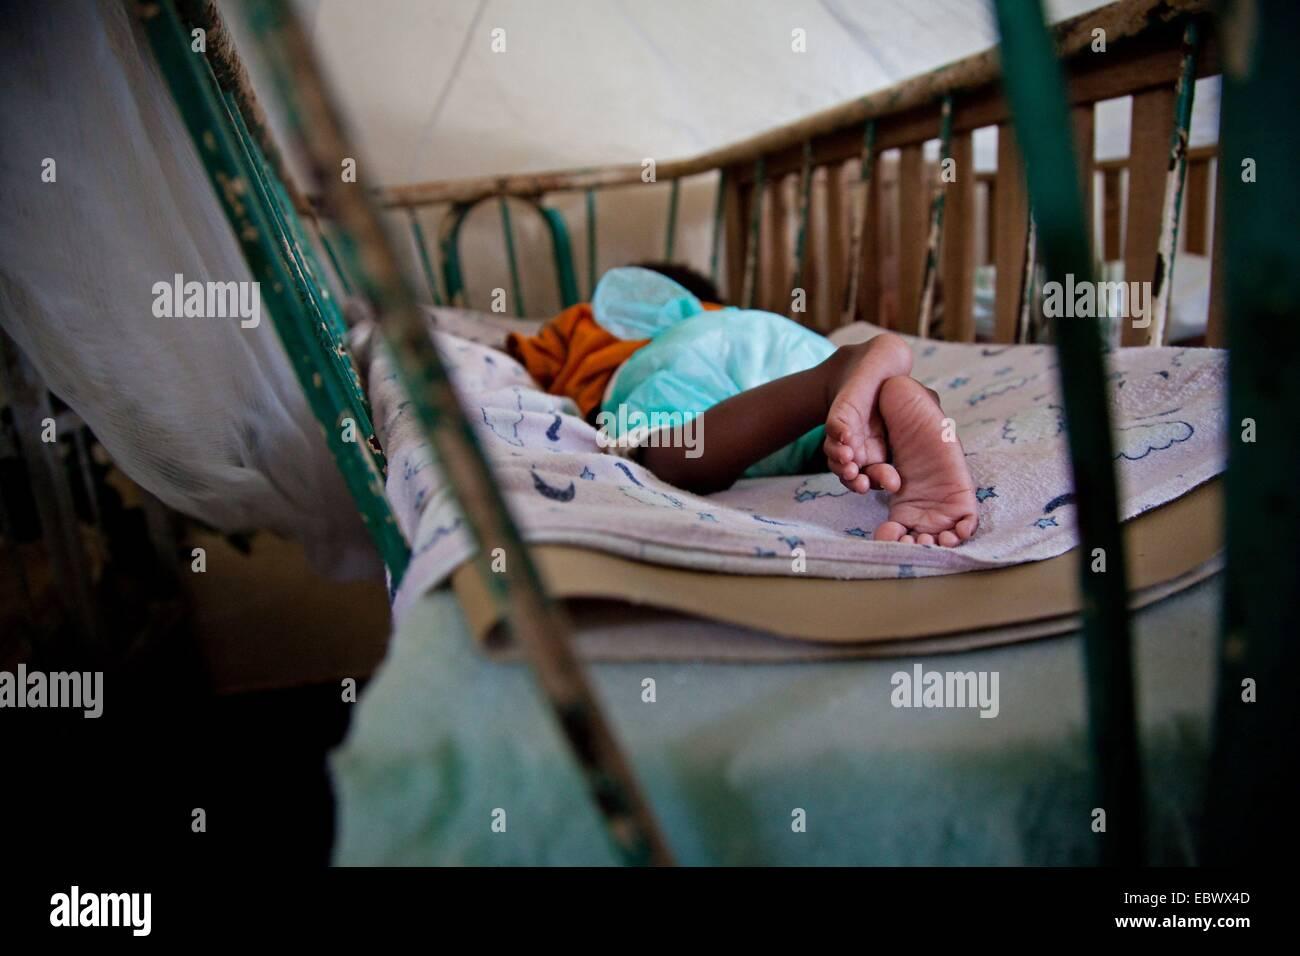 orphanage stockfotos orphanage bilder alamy. Black Bedroom Furniture Sets. Home Design Ideas